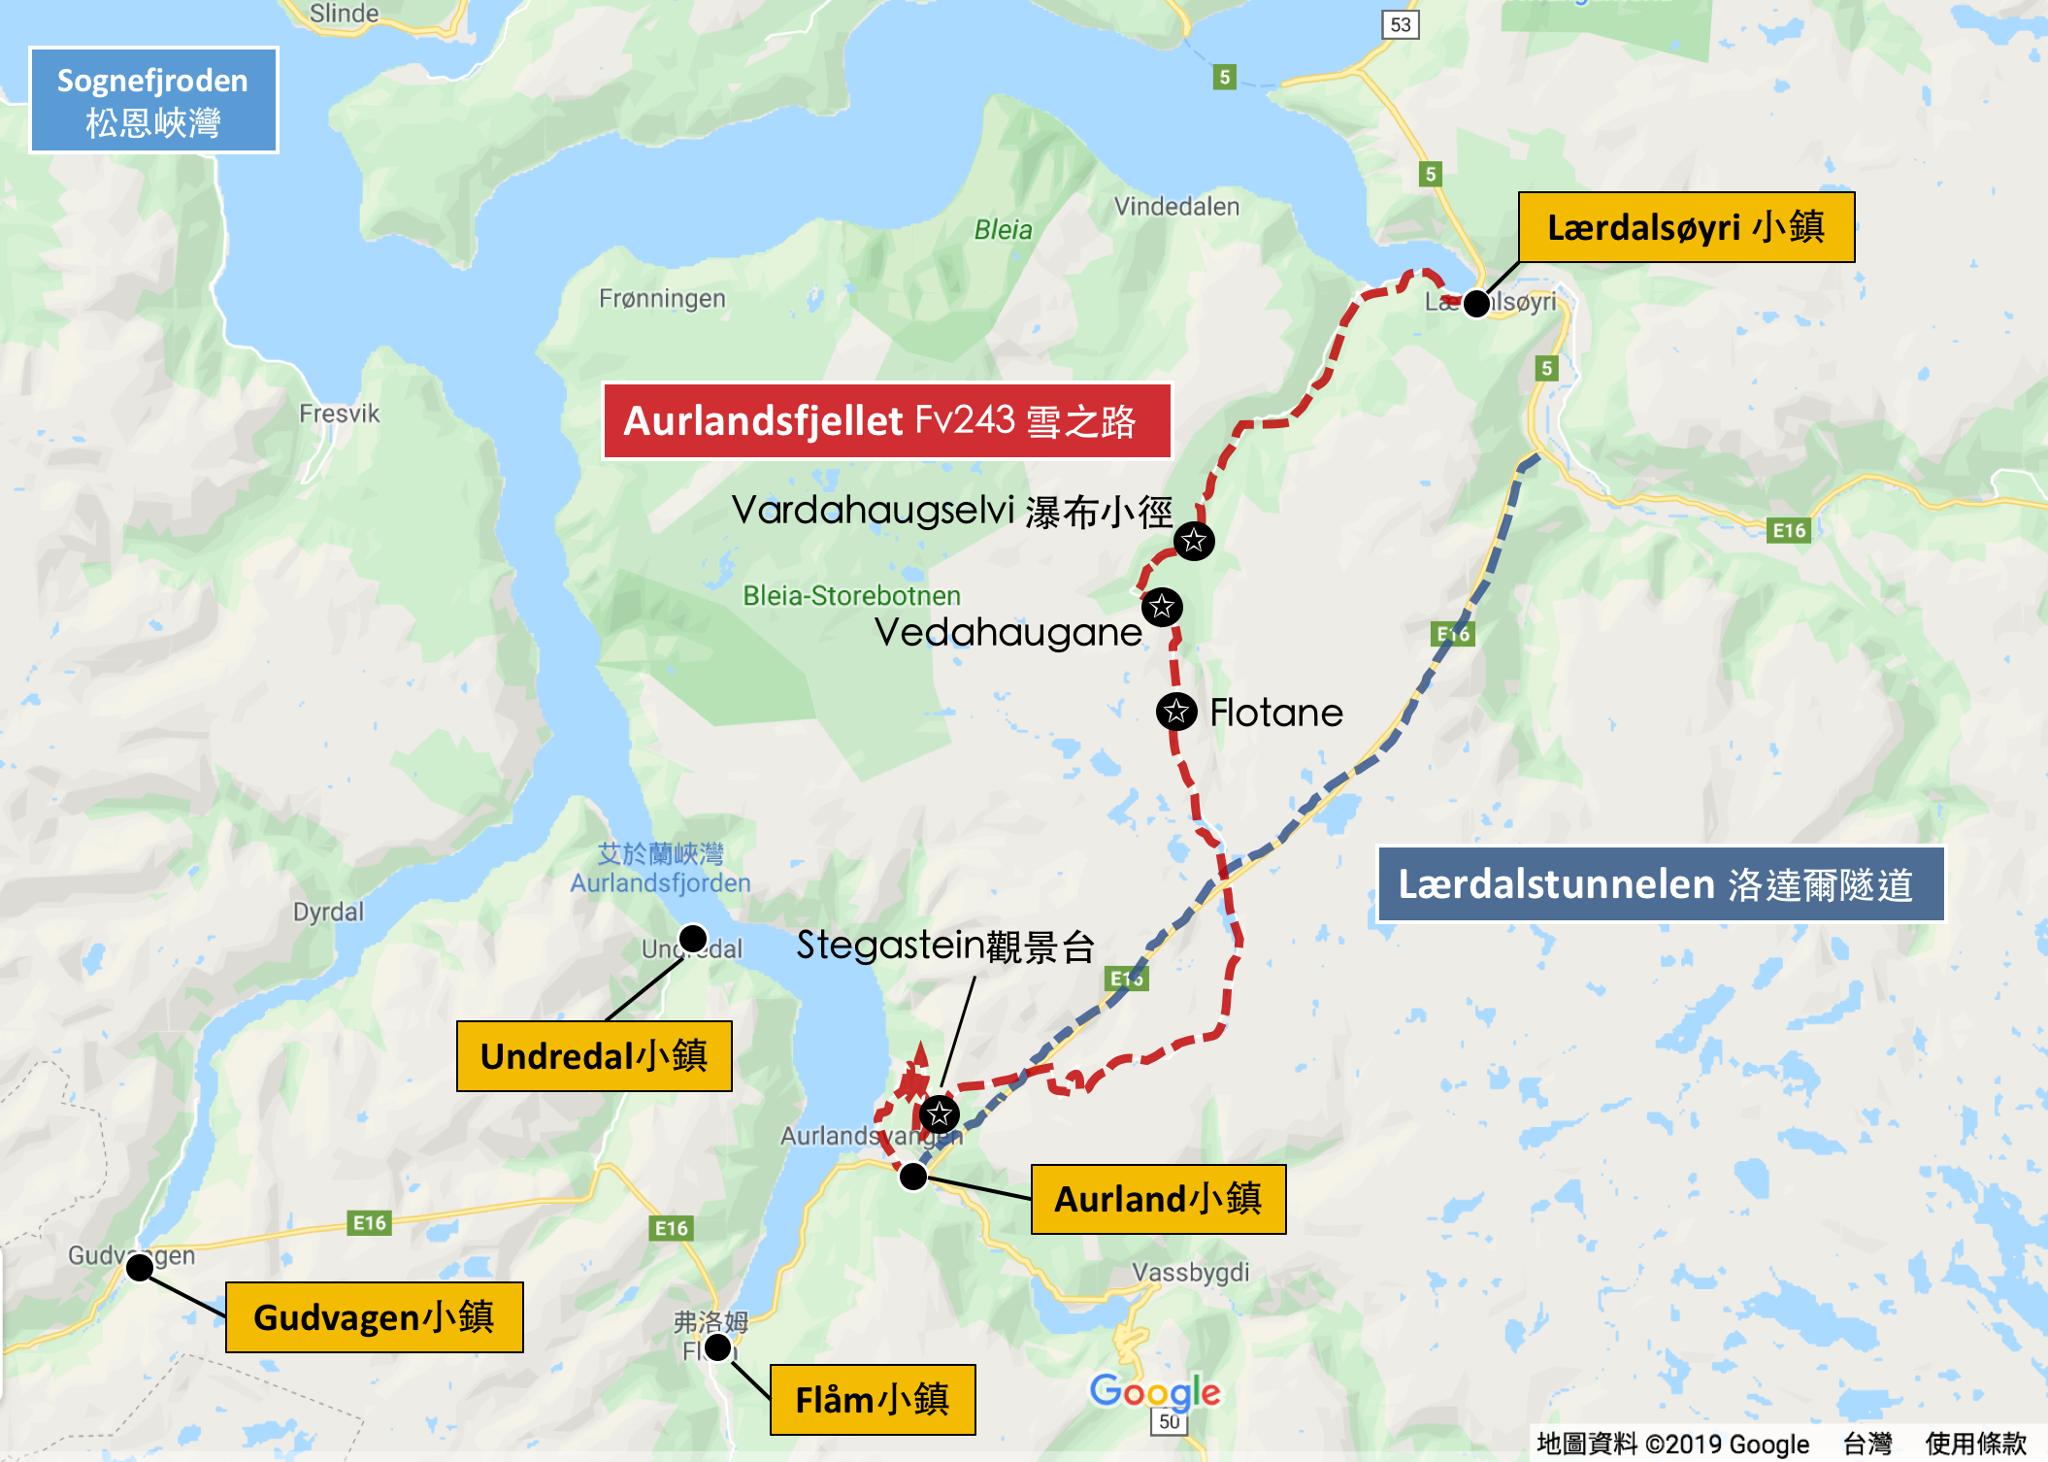 【北歐景點】世界最美景觀公路 - 俯瞰挪威松恩峽灣的 Fv243 雪之路 (Aurlandsfjellet) 2